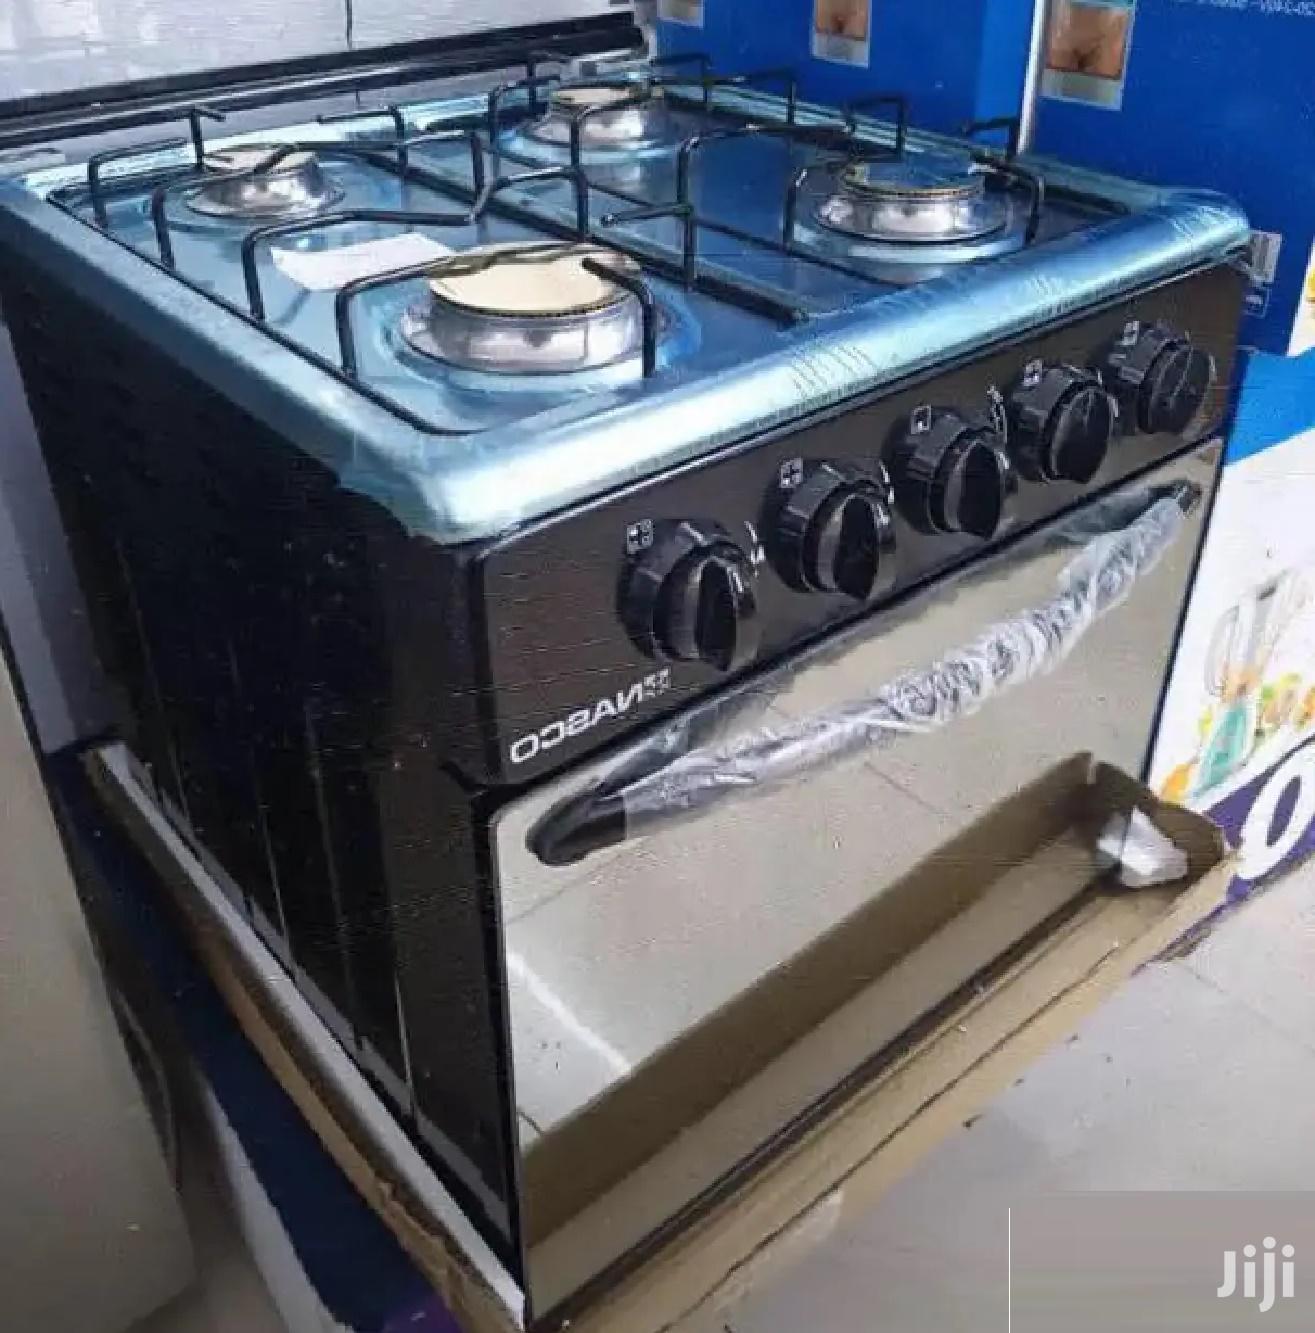 NASCO Mini Oven 4 Burners BLACK